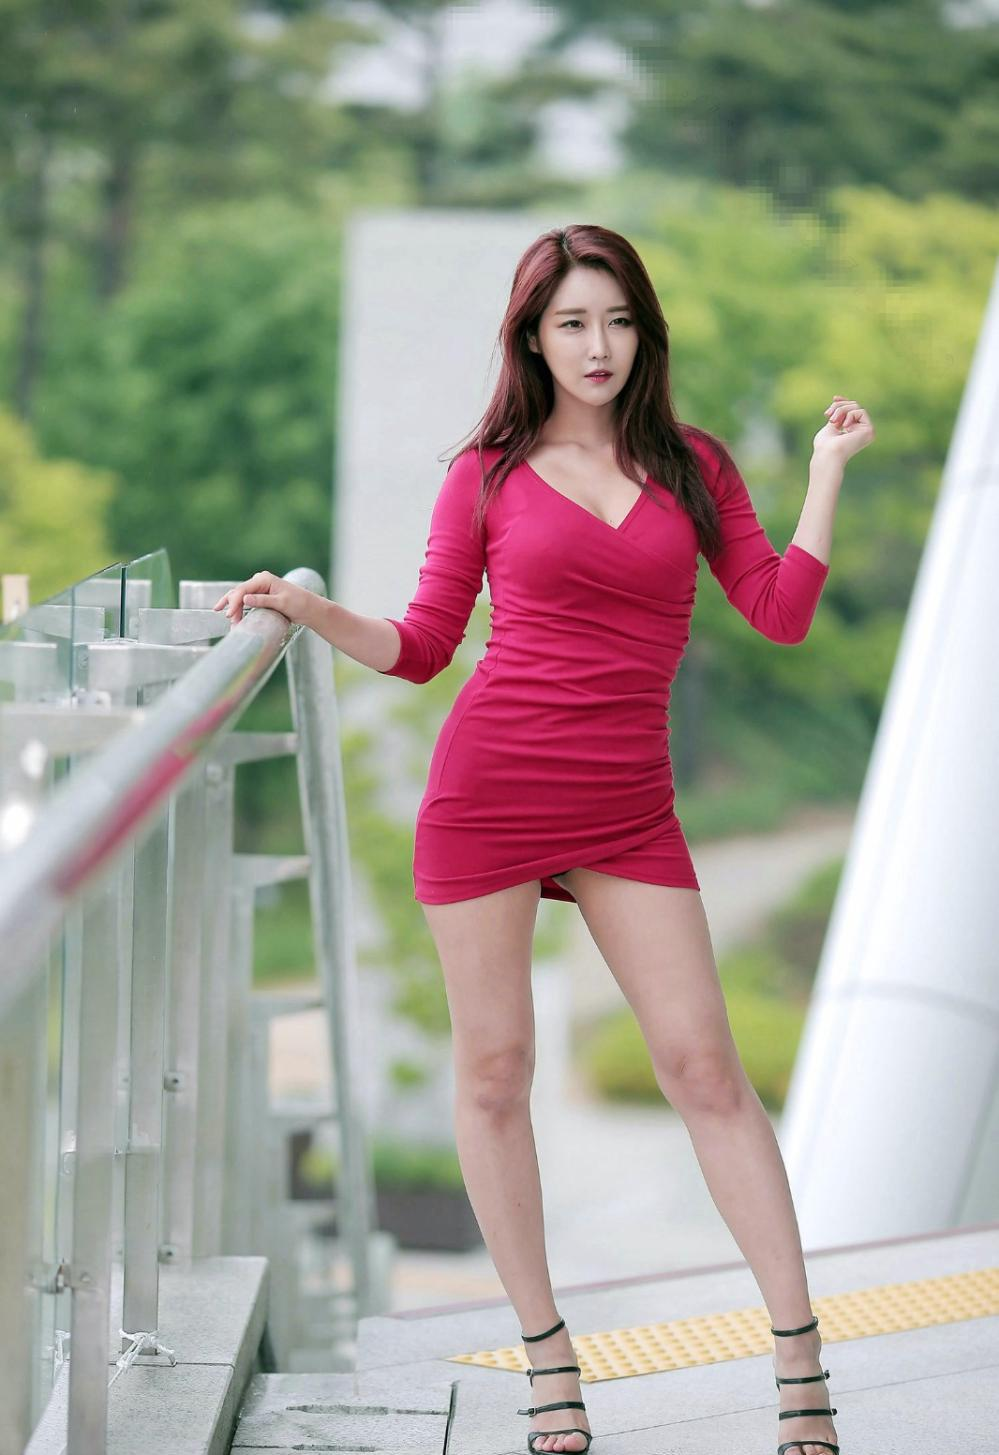 街拍: 红连衣裙的美女|美女|大腿|公园_新浪网